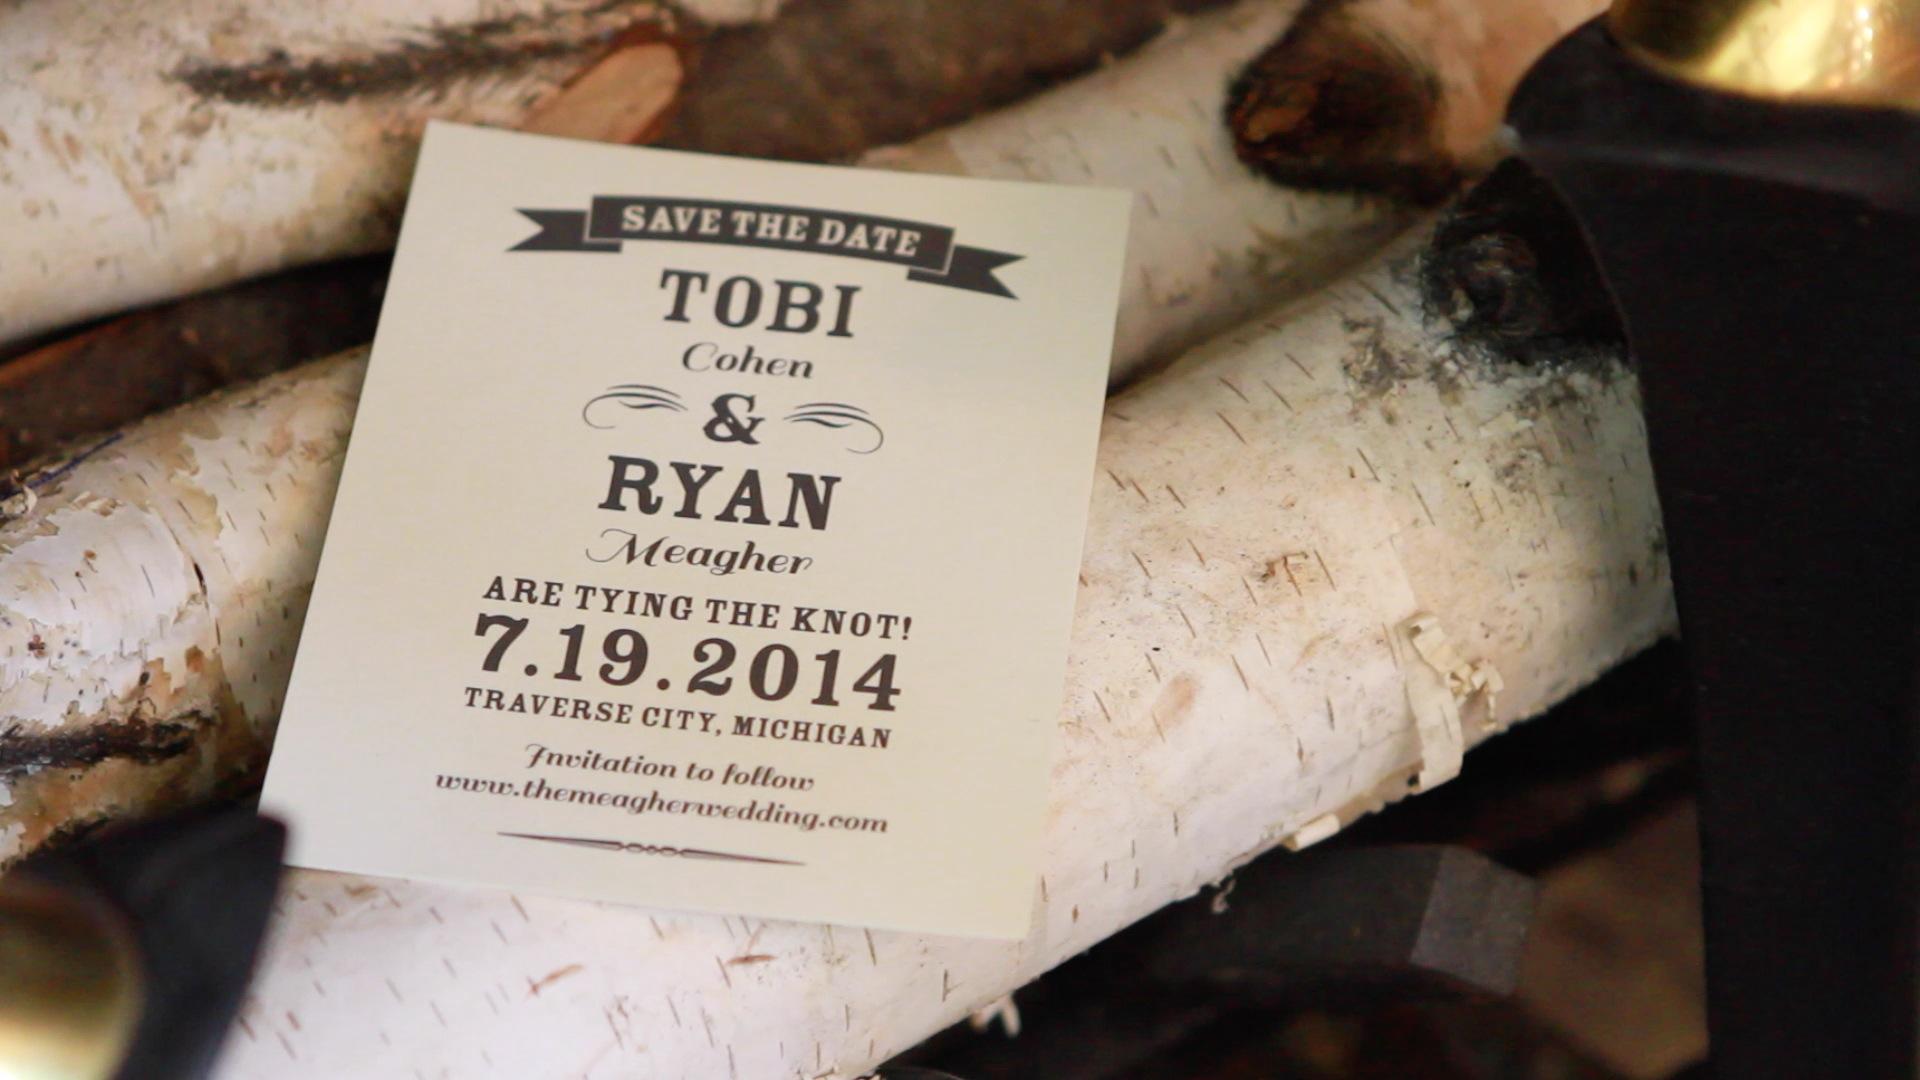 Tobi + Ryan 7.19.14